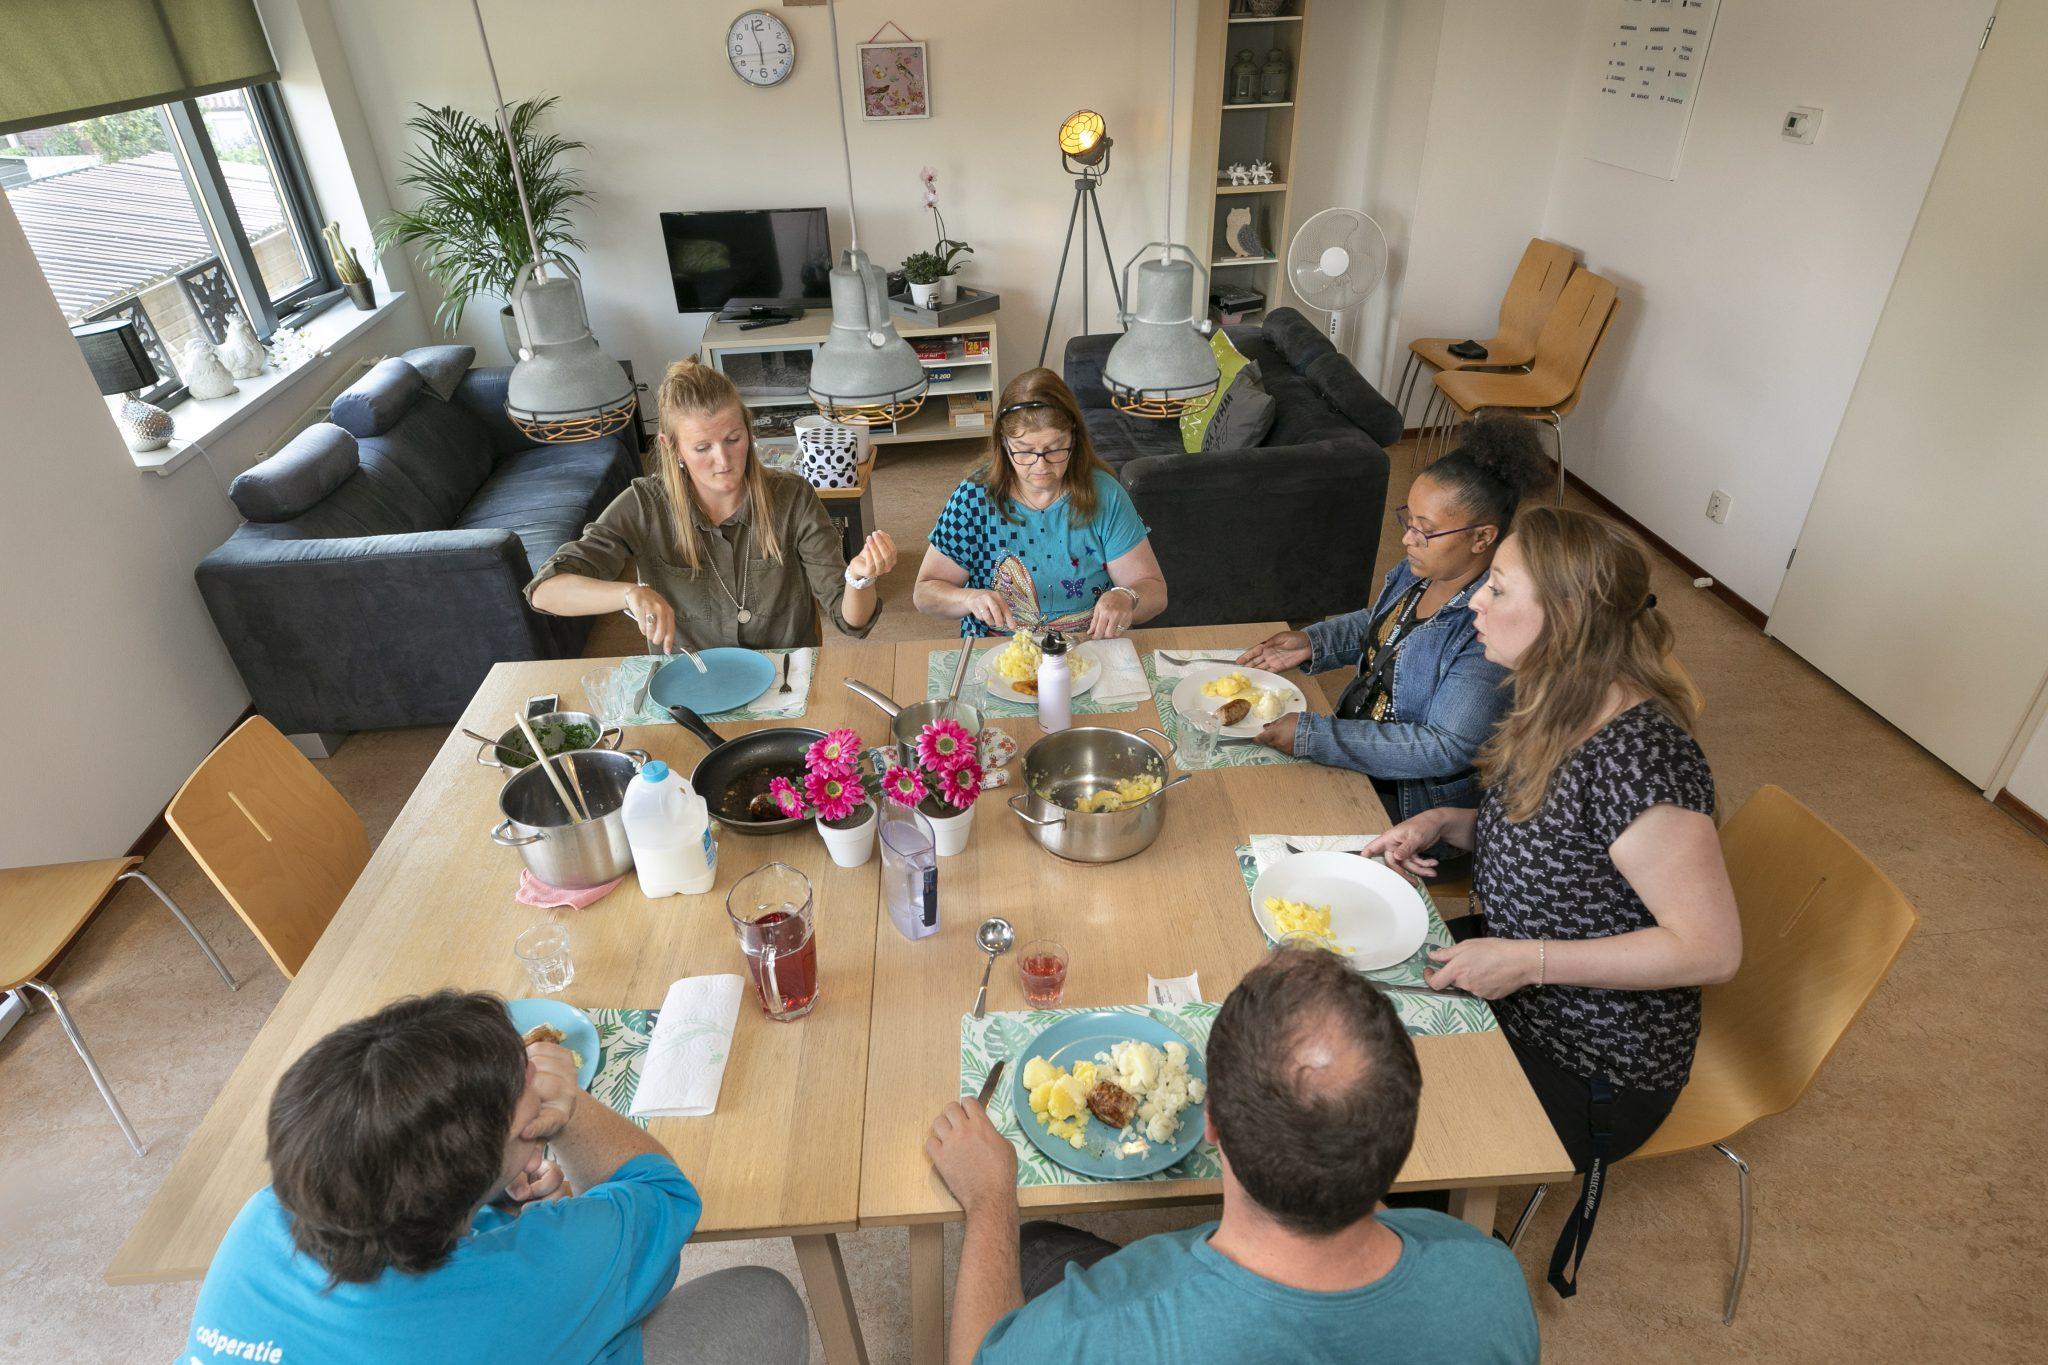 Gemeenschappelijke keuken en eet-/huiskamer in het steunpunt.